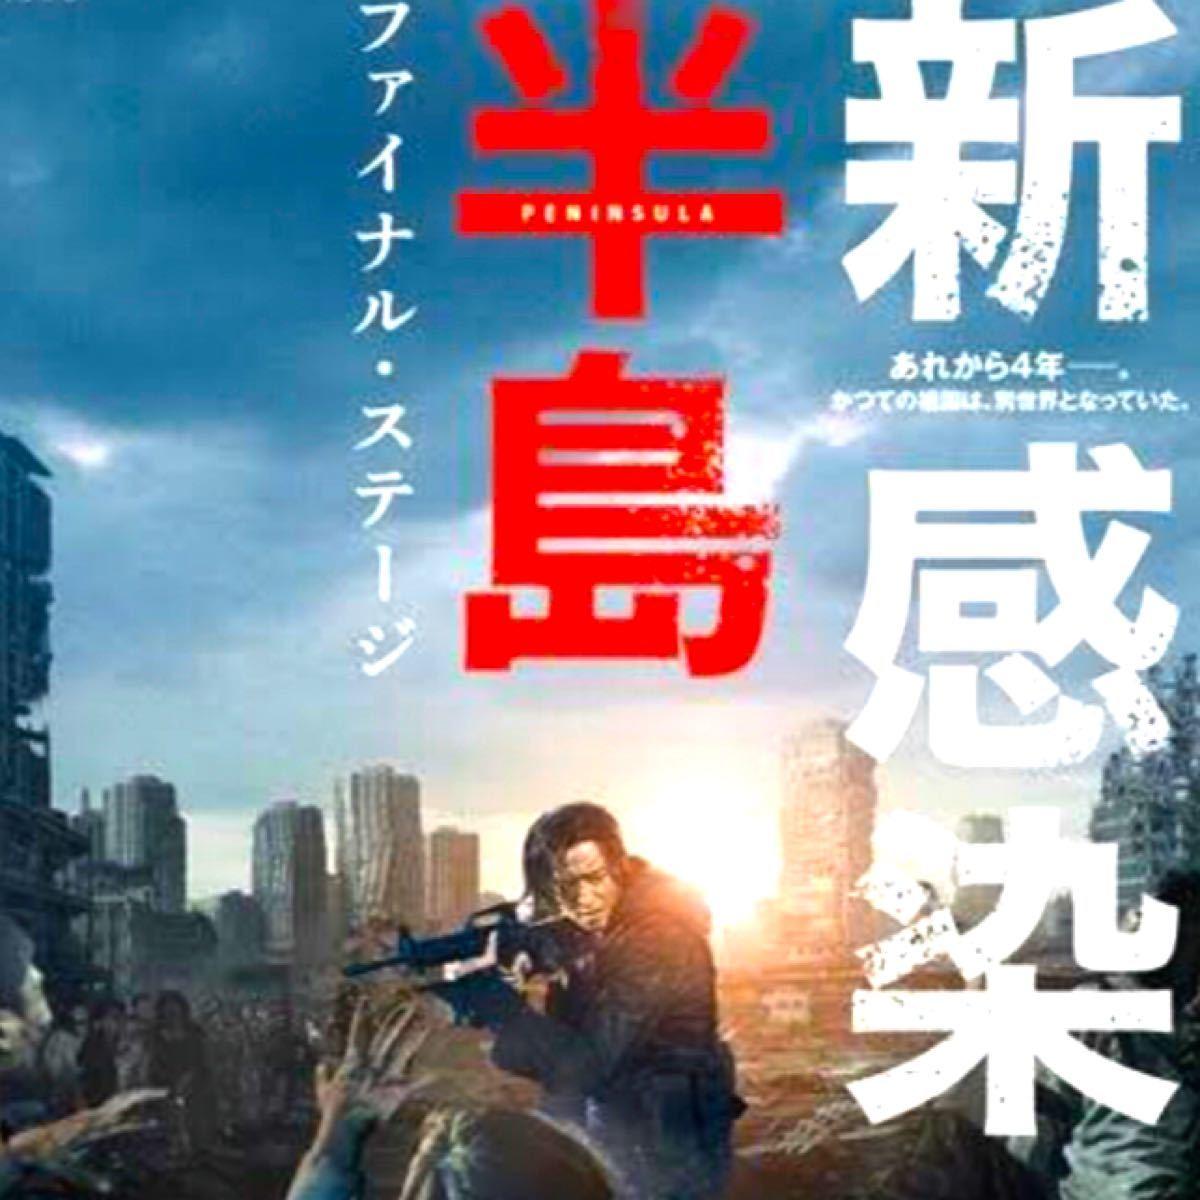 韓国映画  新感染  半島  ファイナル・ステージ  DVD  日本語吹替有り  レーベル有り  カン・ドンウォン